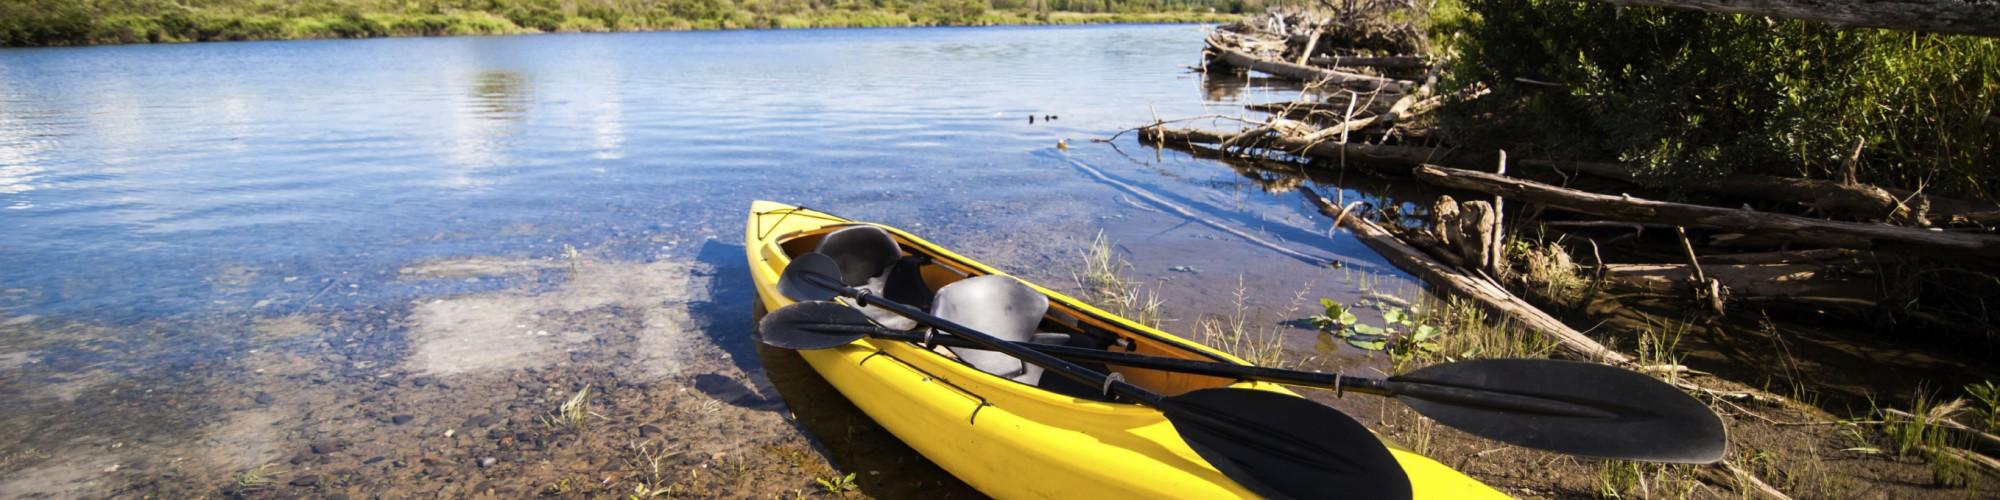 Kayak sur le bord d'une rivière